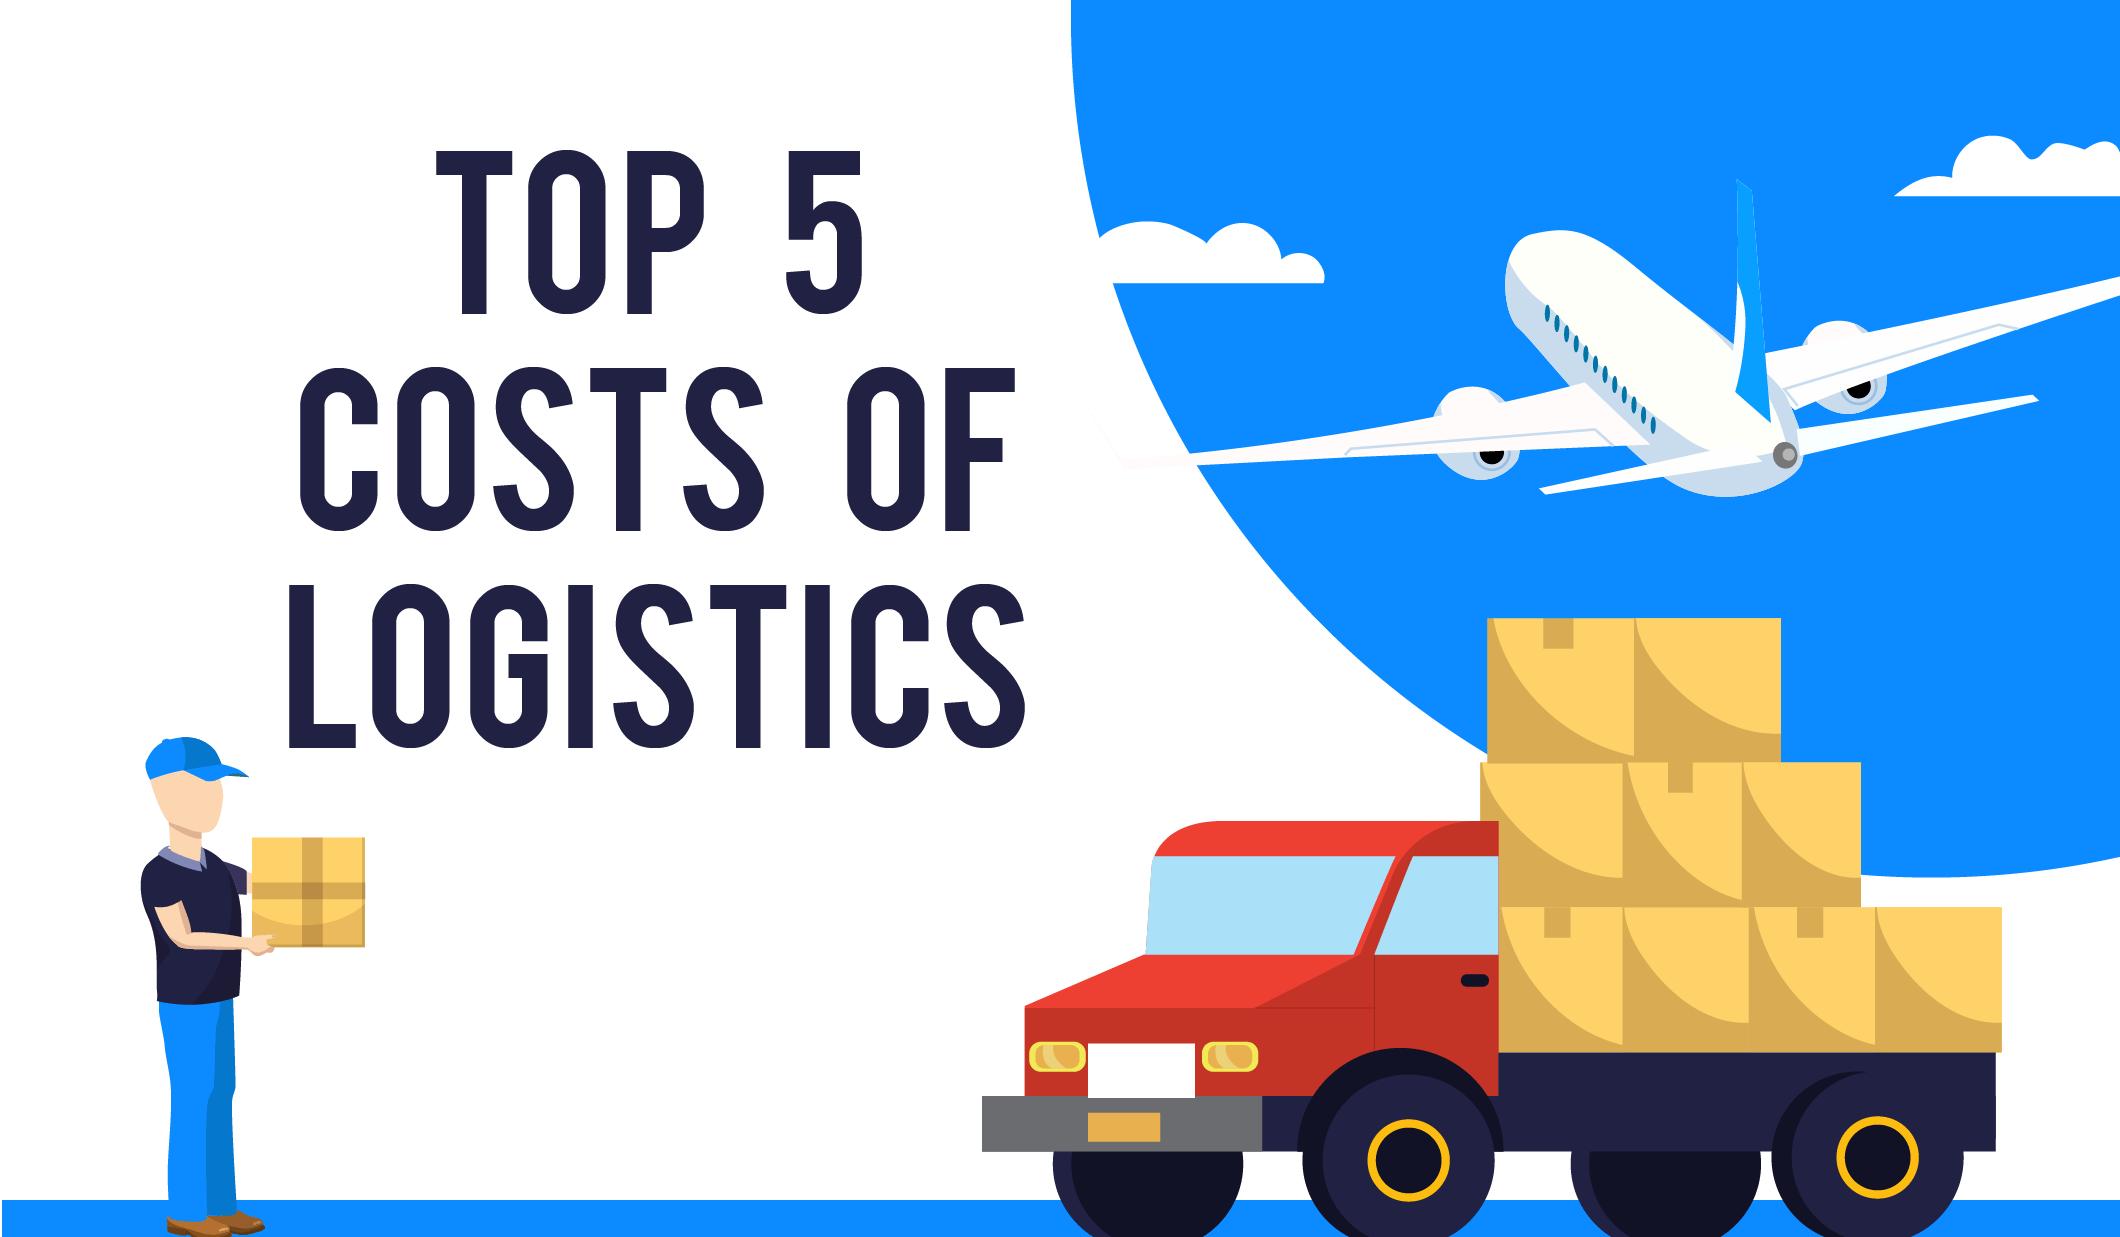 Top 5 Costs of Logistics